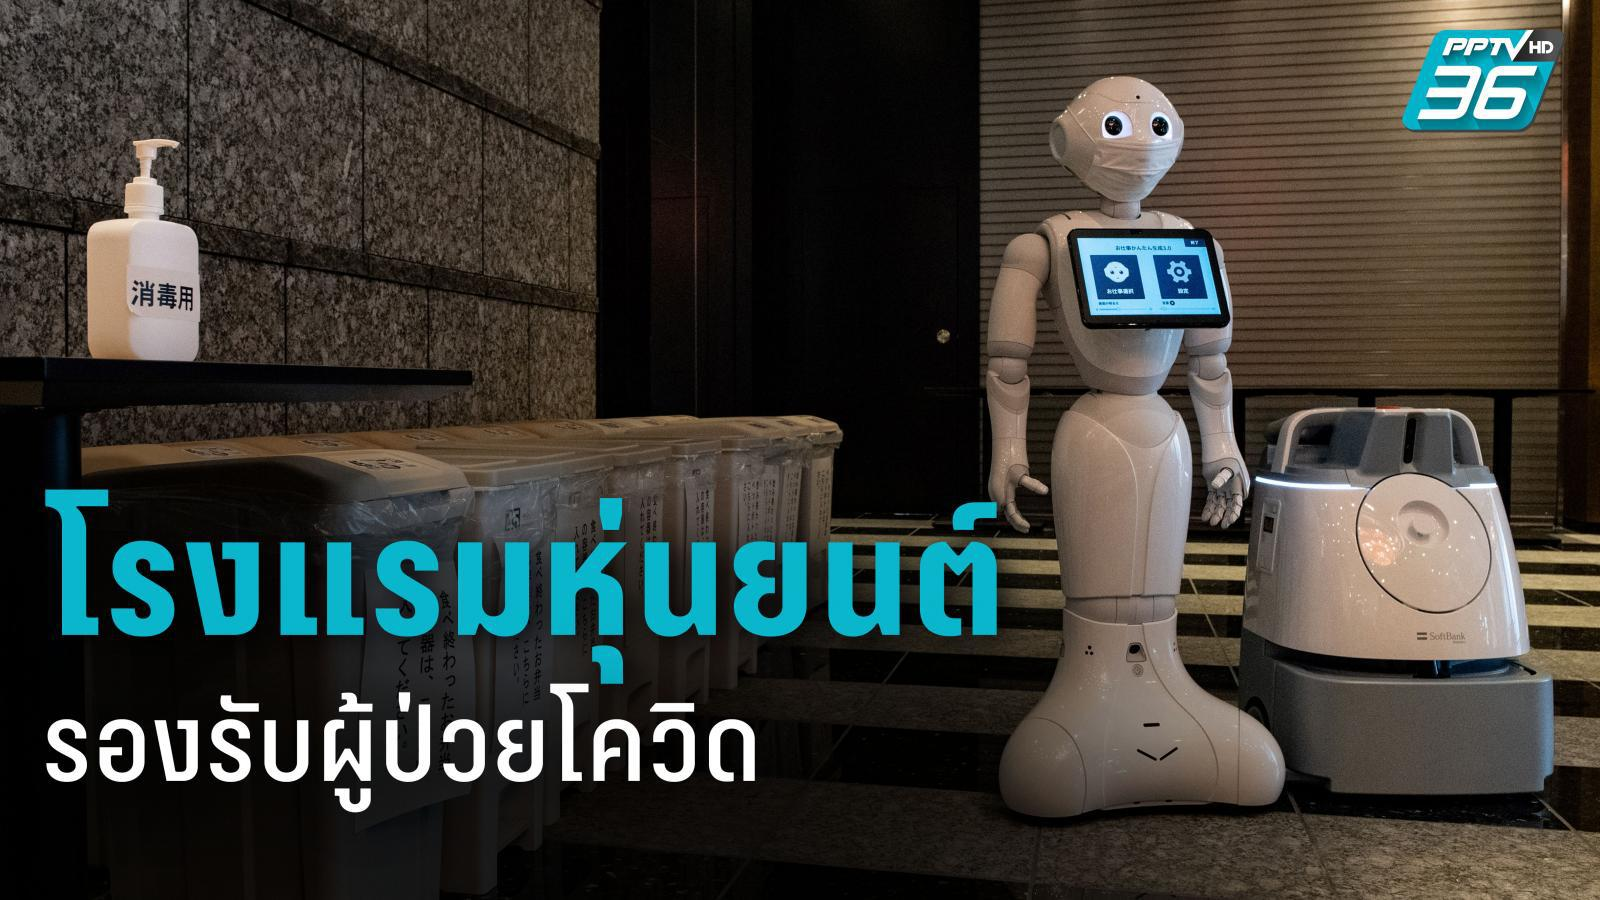 โตเกียวเปิดโรงแรมหุ่นยนต์ 2 แห่ง รองรับผู้ป่วยโควิด-19